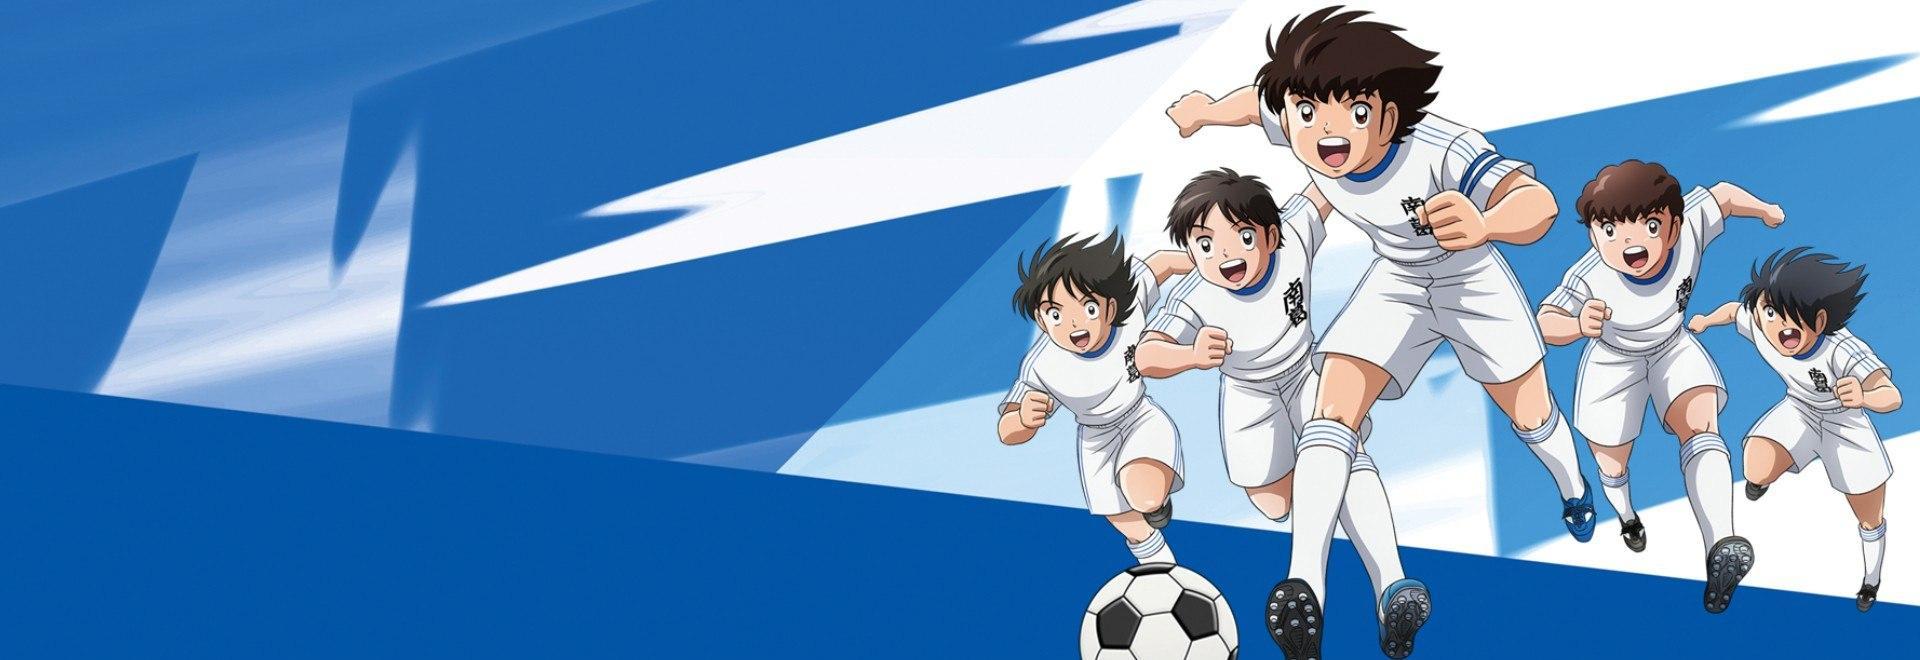 Comincia il campionato nazionale!